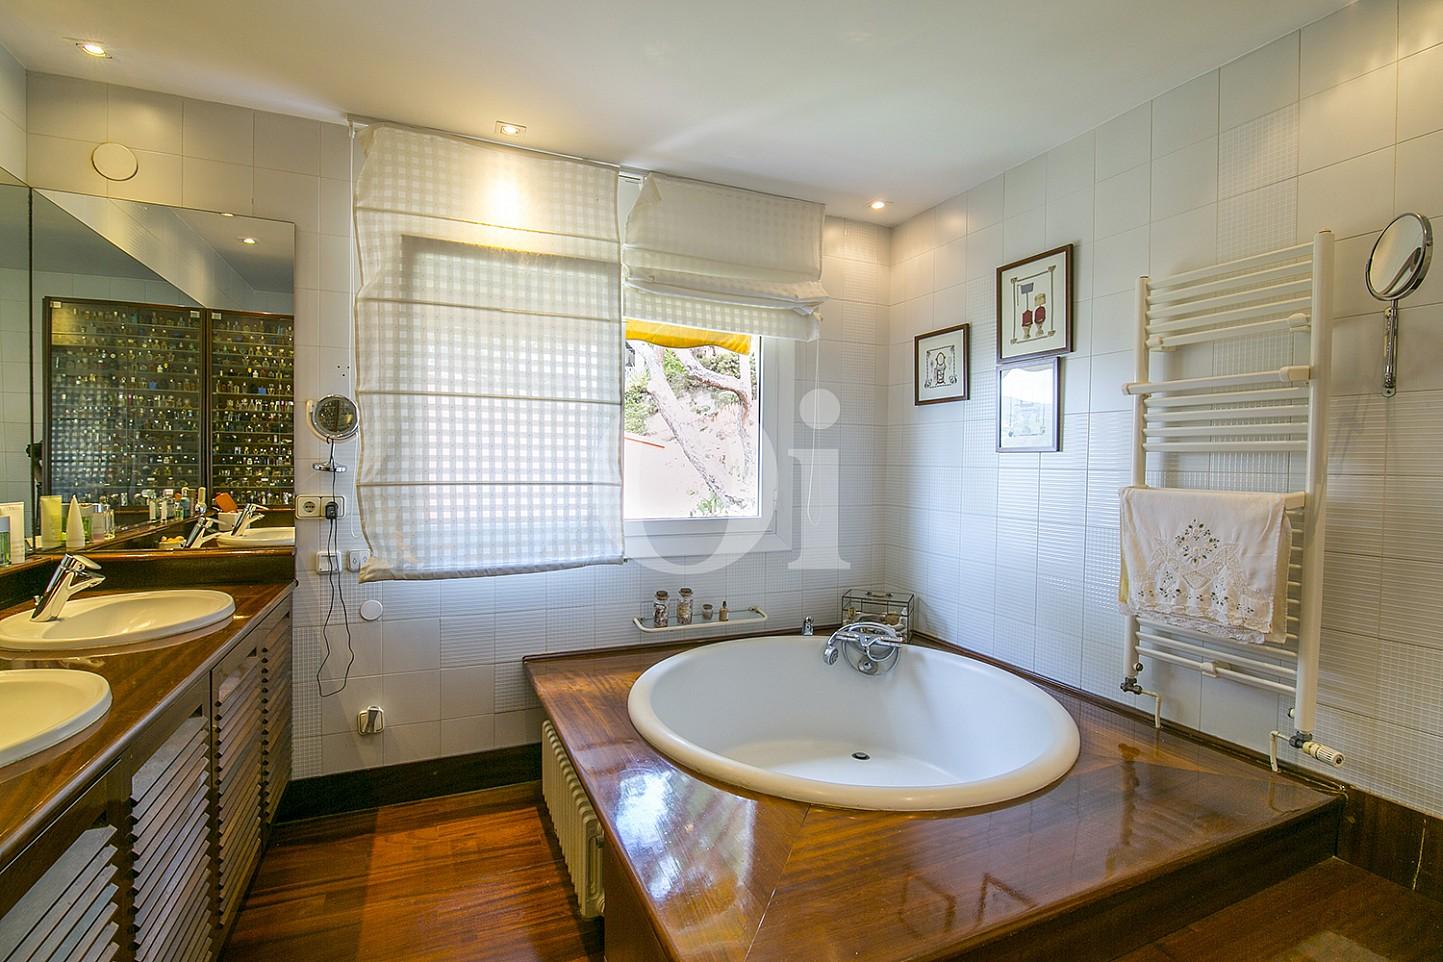 Luminoso baño completo con jacuzzi, aseo y ventana exterior en espectacular casa en venta en Cabrils